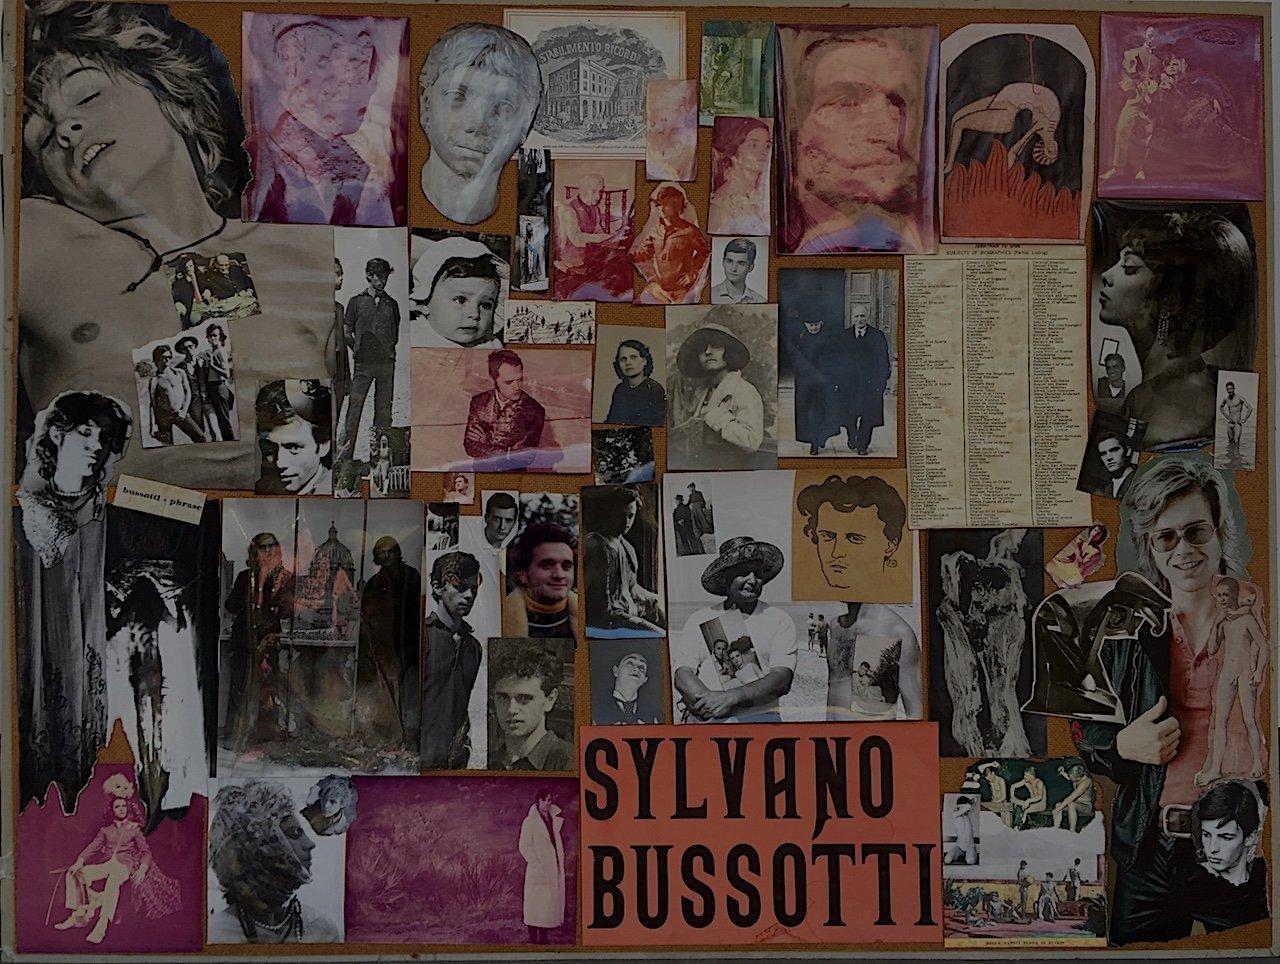 Galleria Clivio<br>presents<br>Sylvano Bussotti